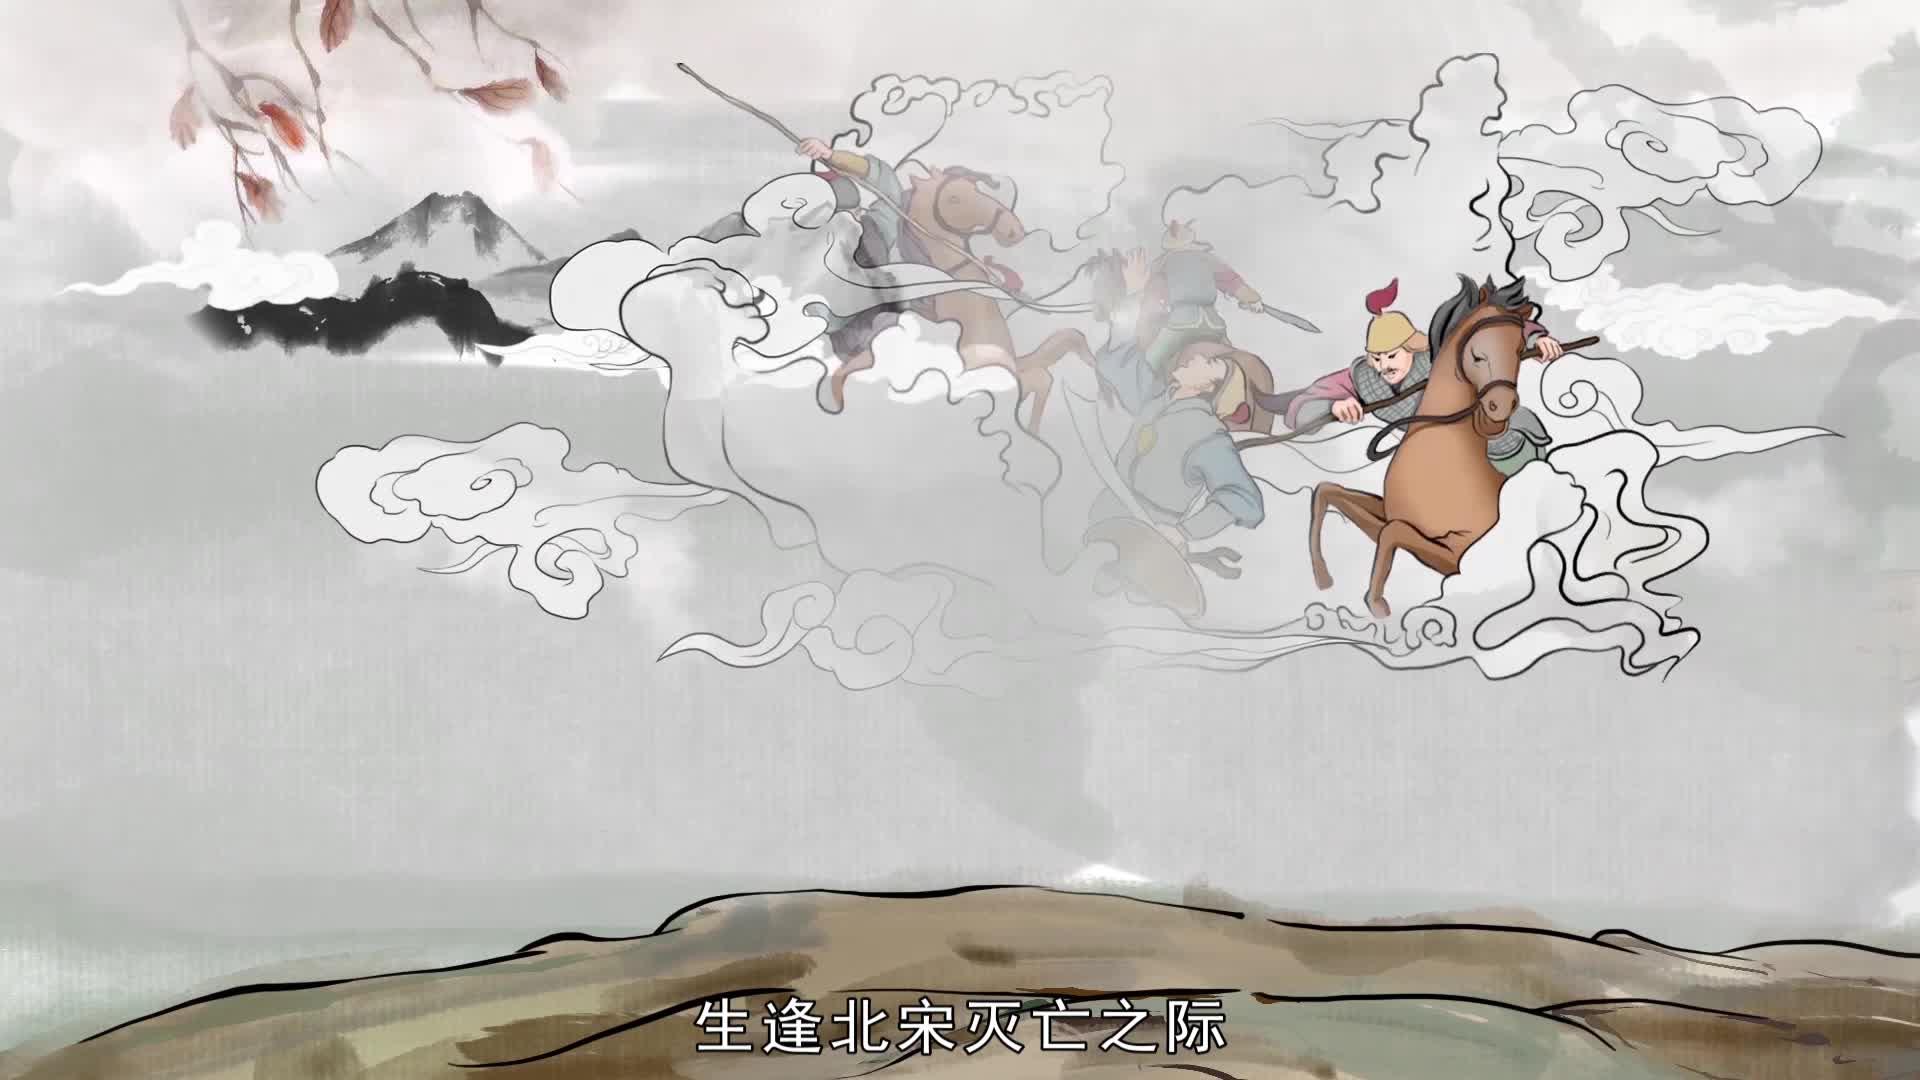 《小学古诗》76秋夜将晓出篱门迎凉有感-宋 陆游